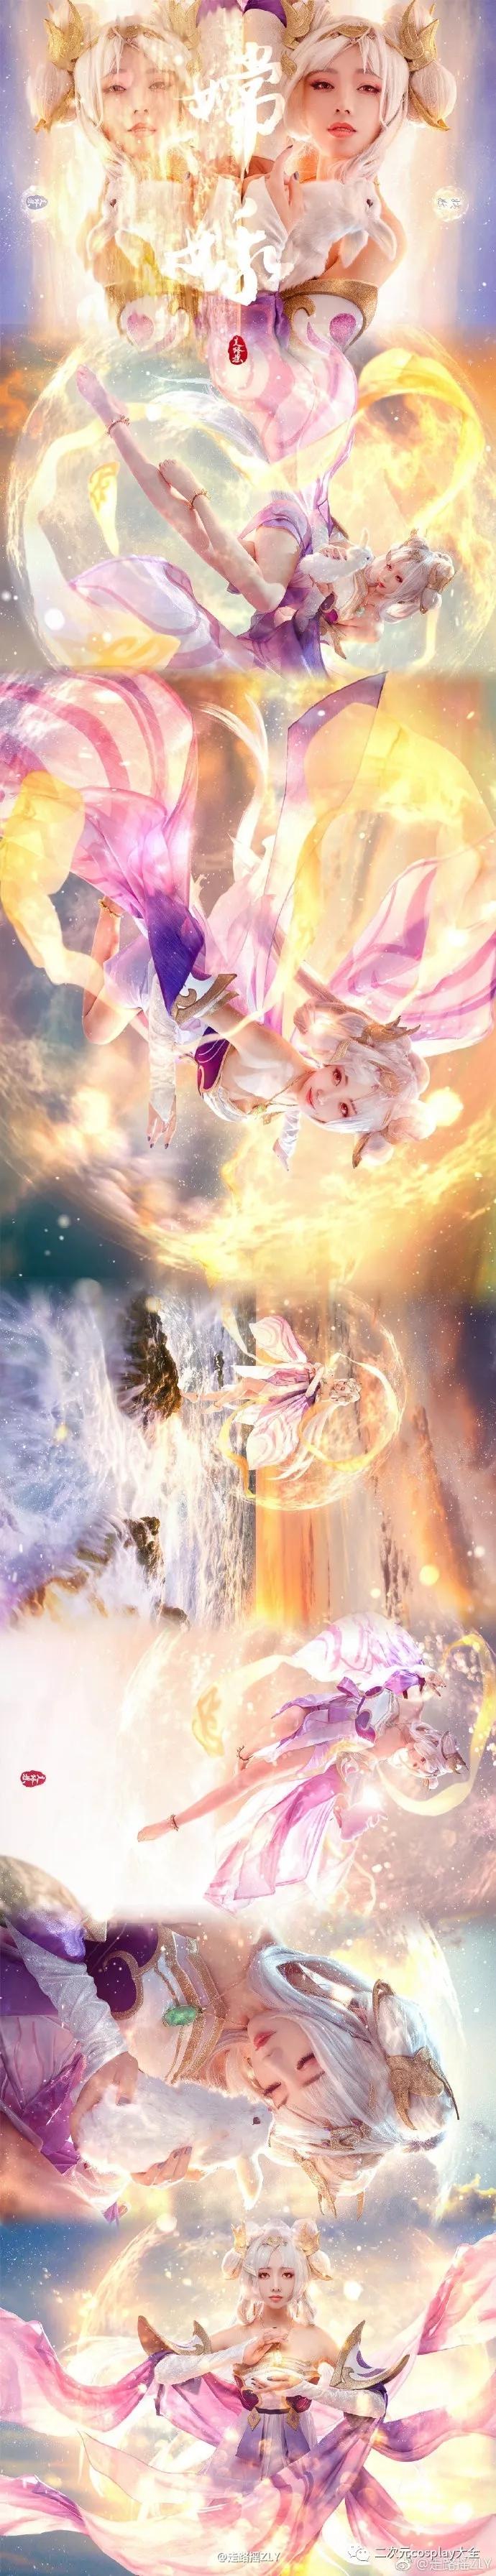 《王者荣耀》寒月公主嫦娥cos,美如画,好一个仙子佳人!